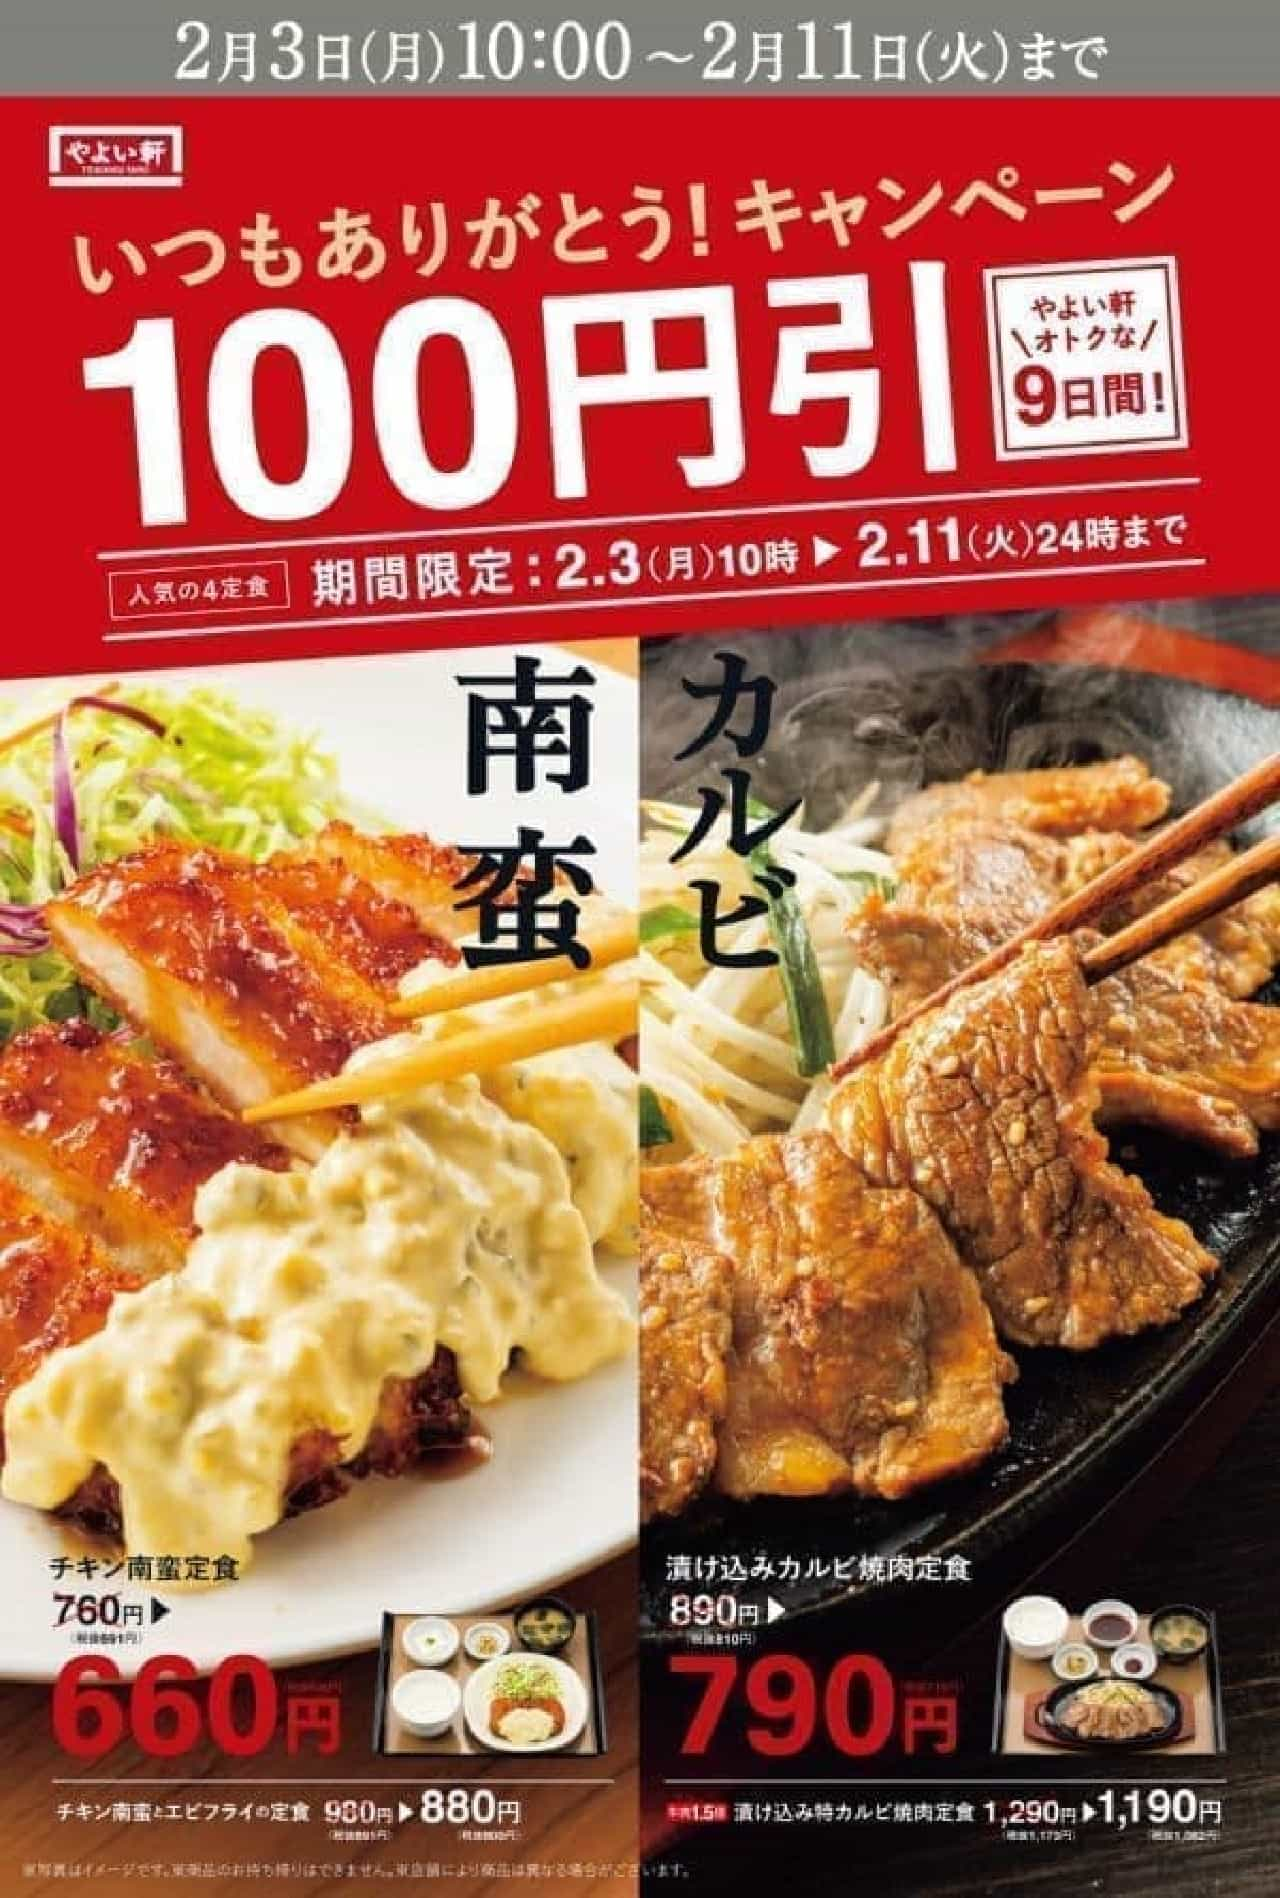 やよい軒「いつもありがとう!キャンペーン 100円引」